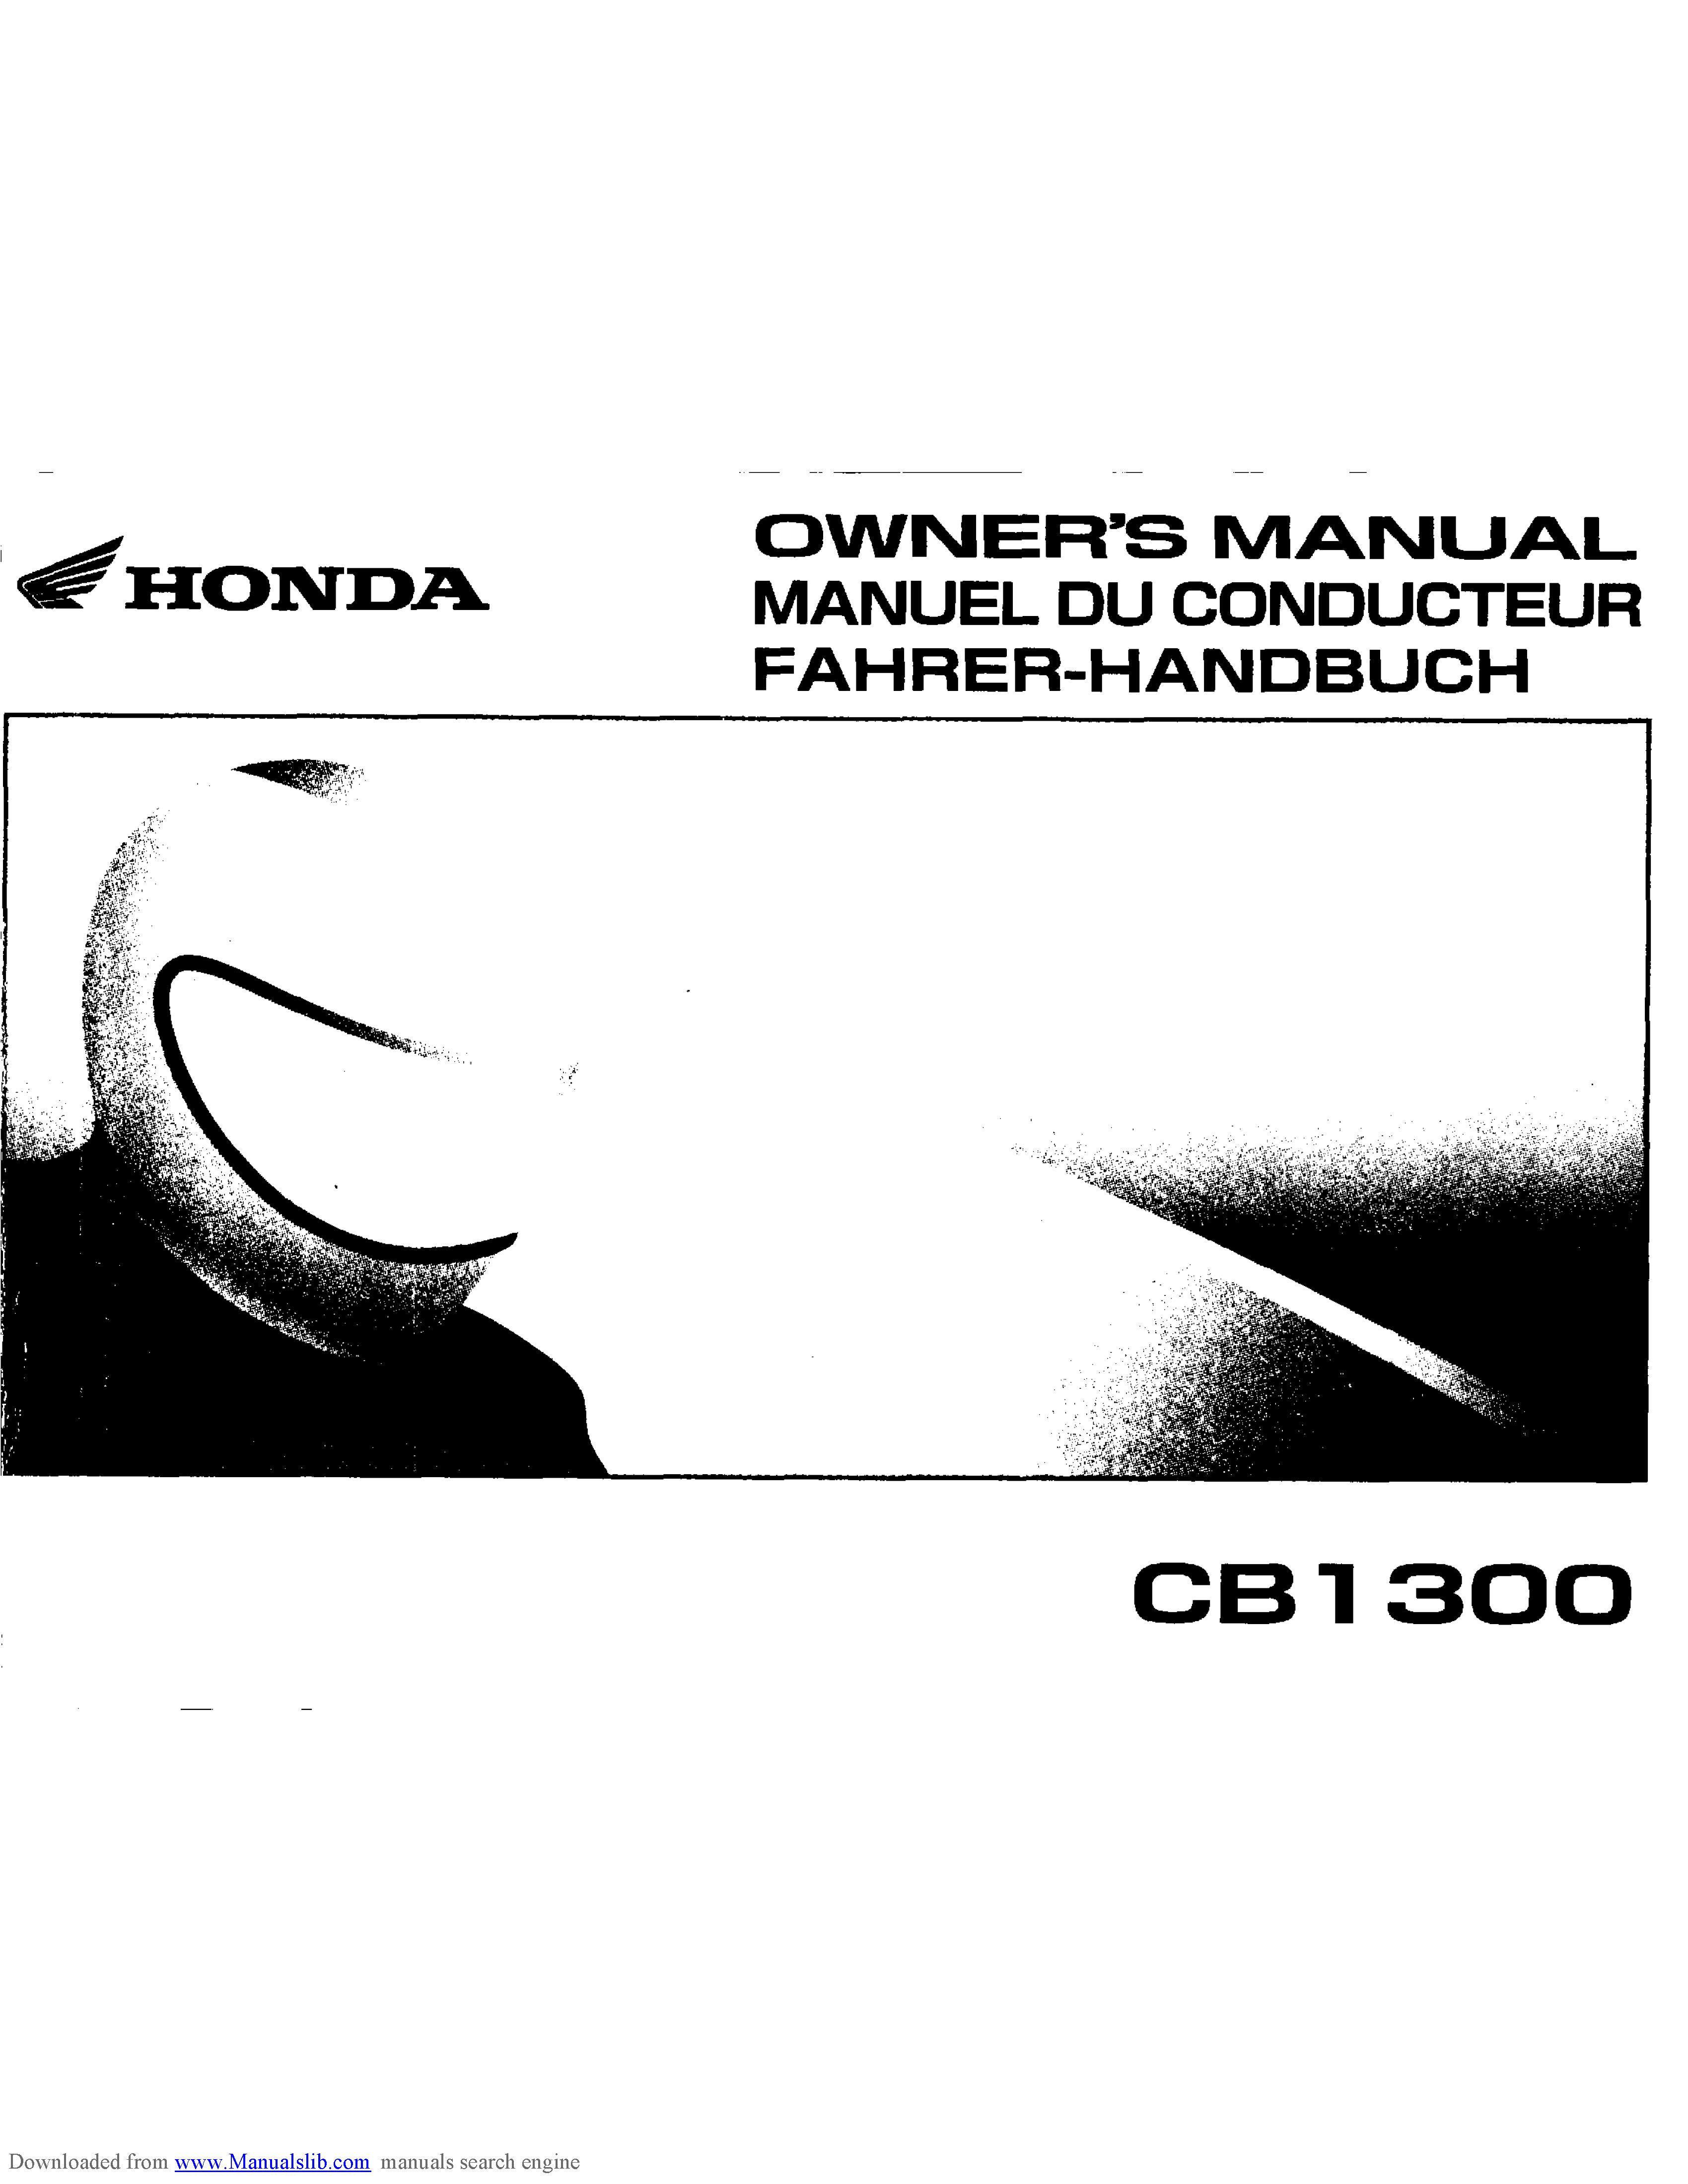 Honda CB1300 Owner's Manual (2003)